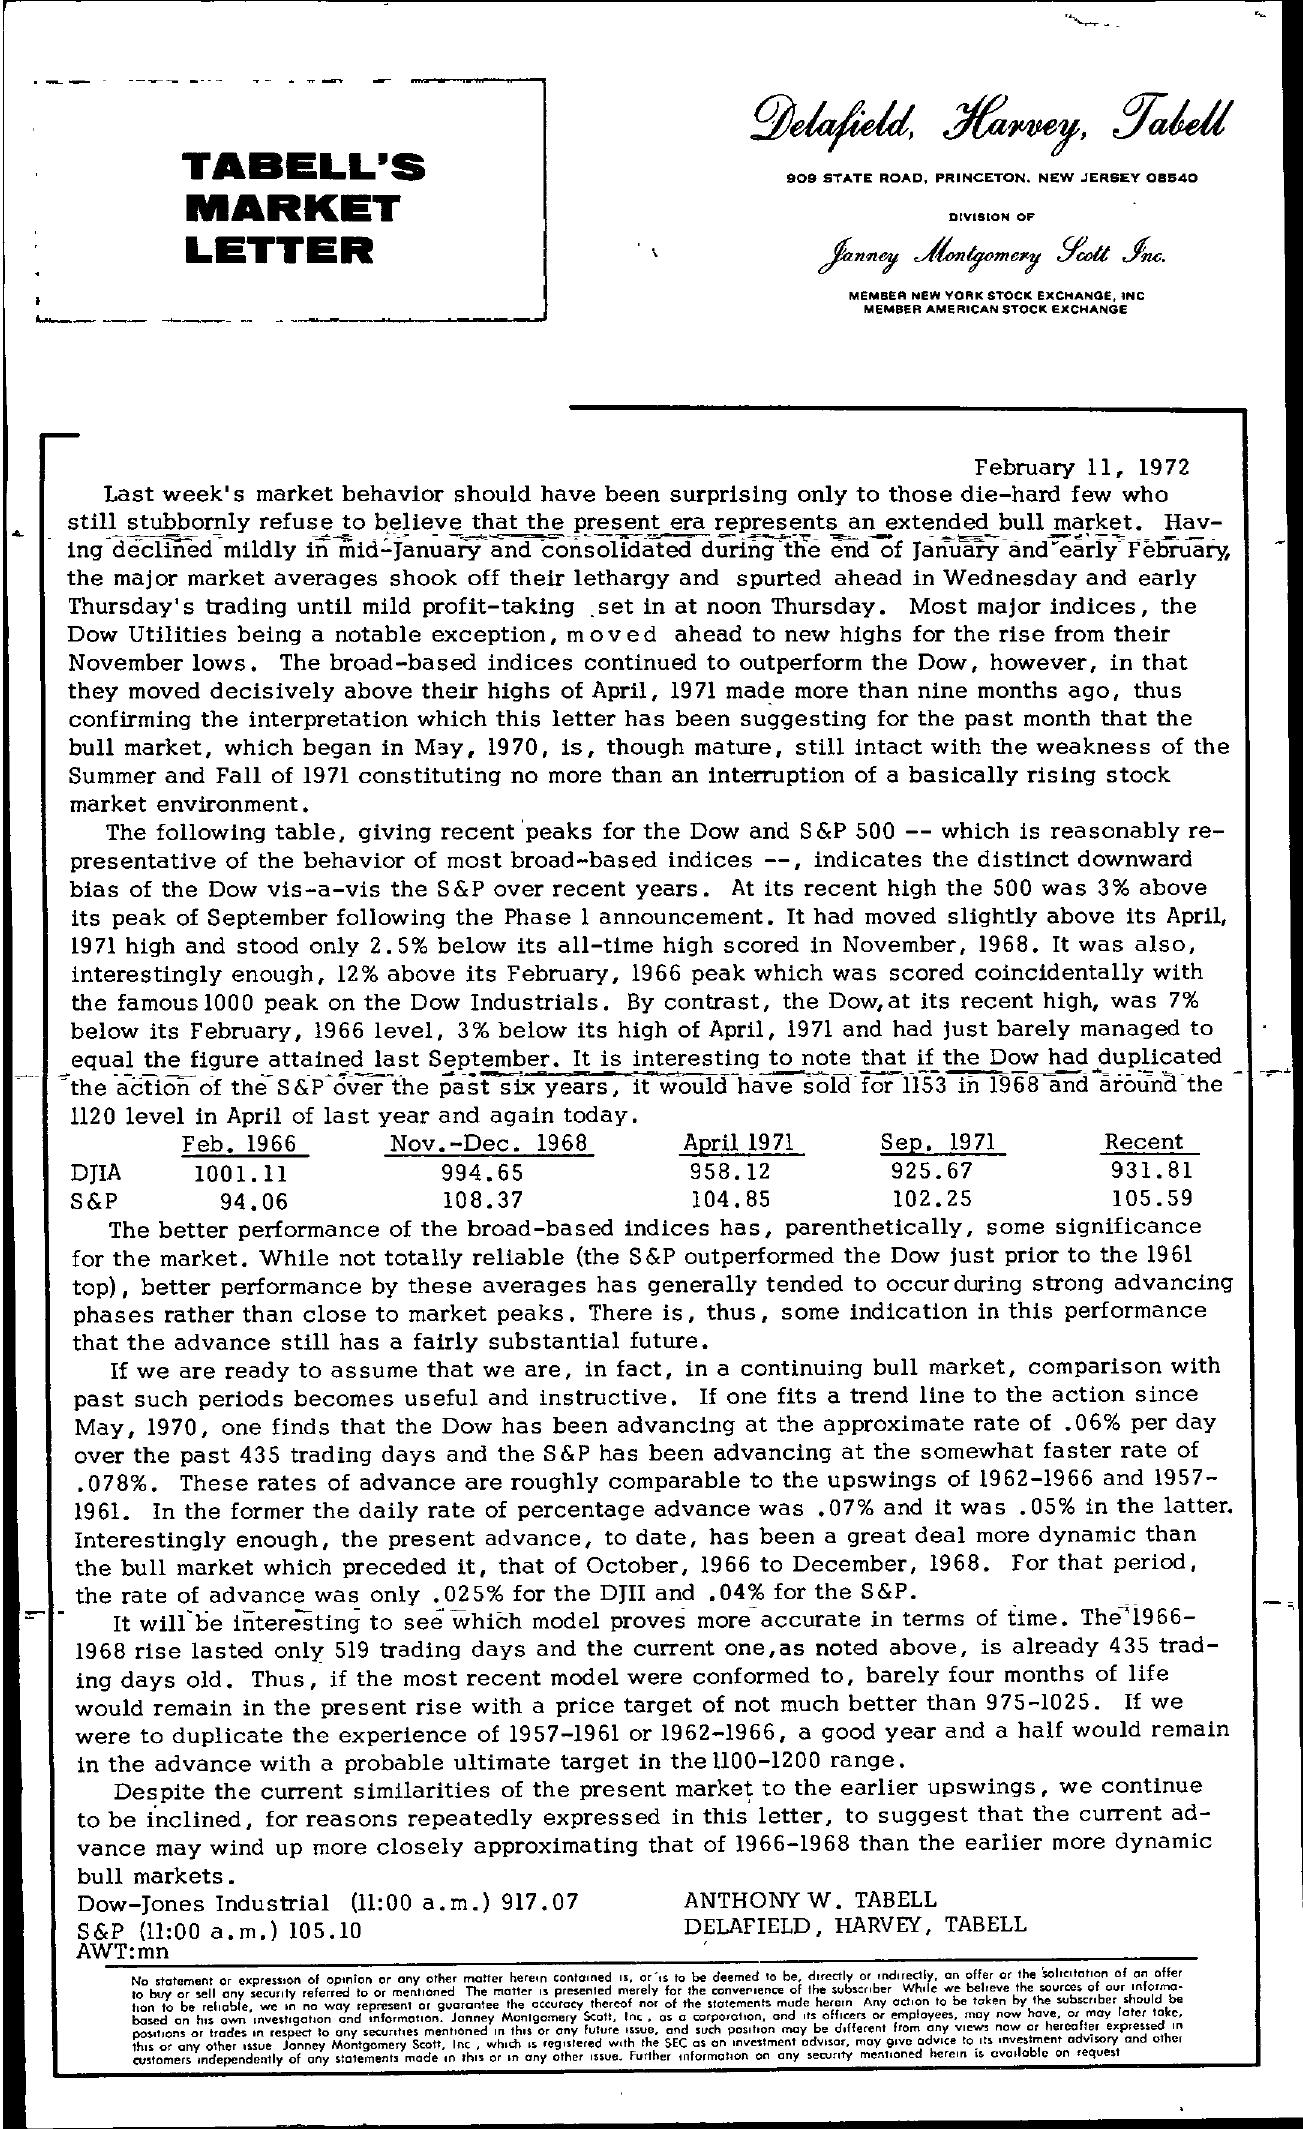 Tabell's Market Letter - February 11, 1972